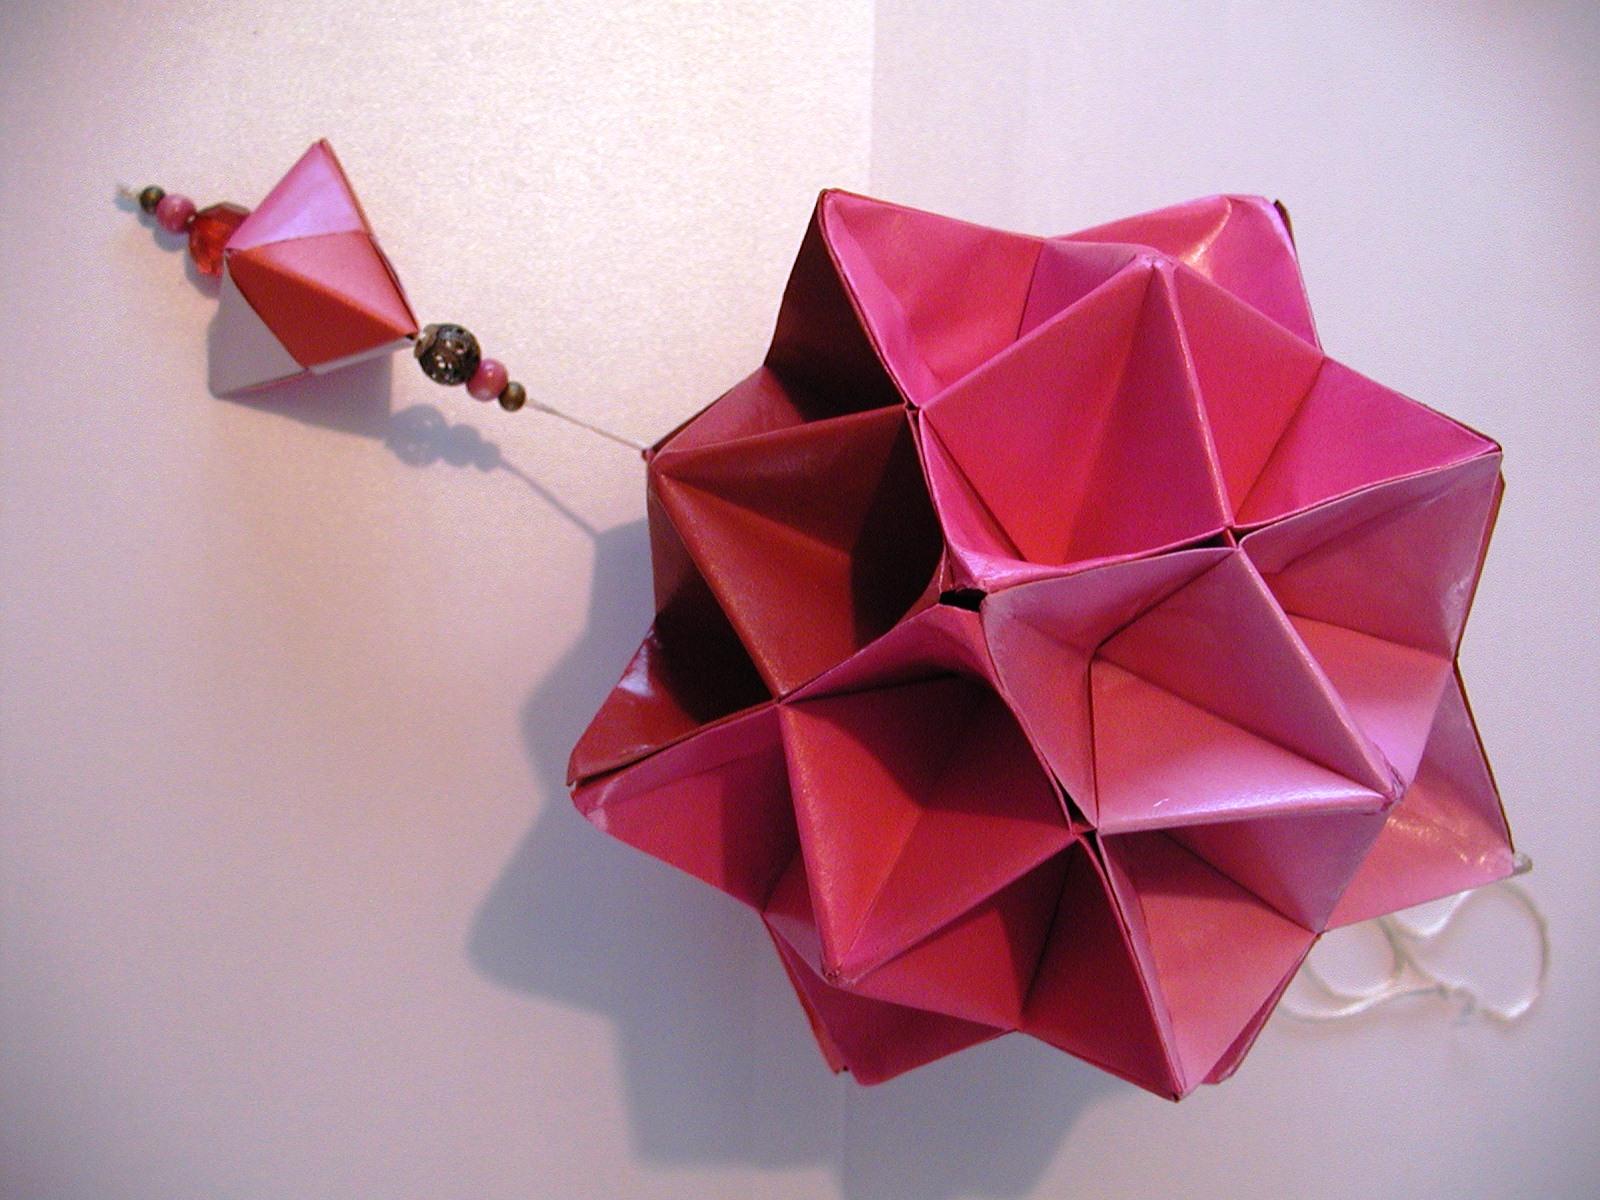 Origami Decoracion Pared ~ yakko origami decoraci?n para el local La grulla, Rivadavia 2883 MdP